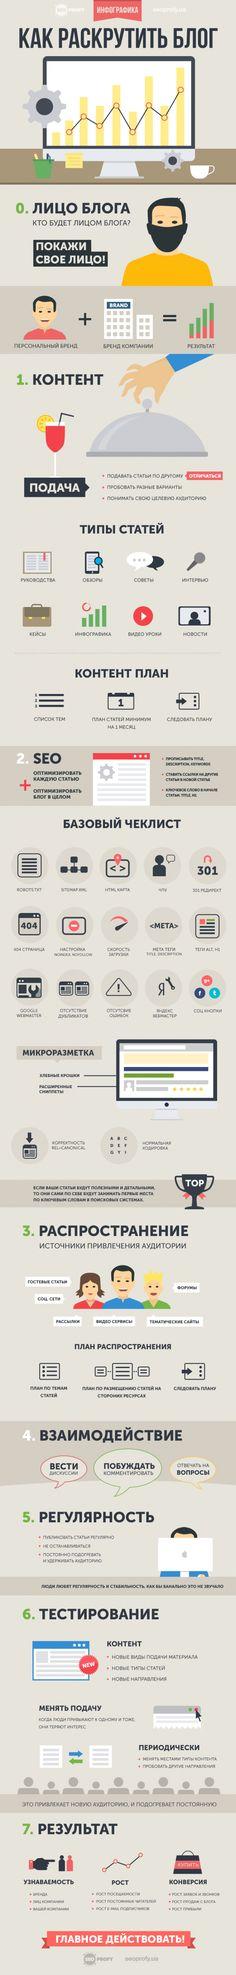 Инфографика - Как раскрутить блог - пошаговое руководство - SeoProfy